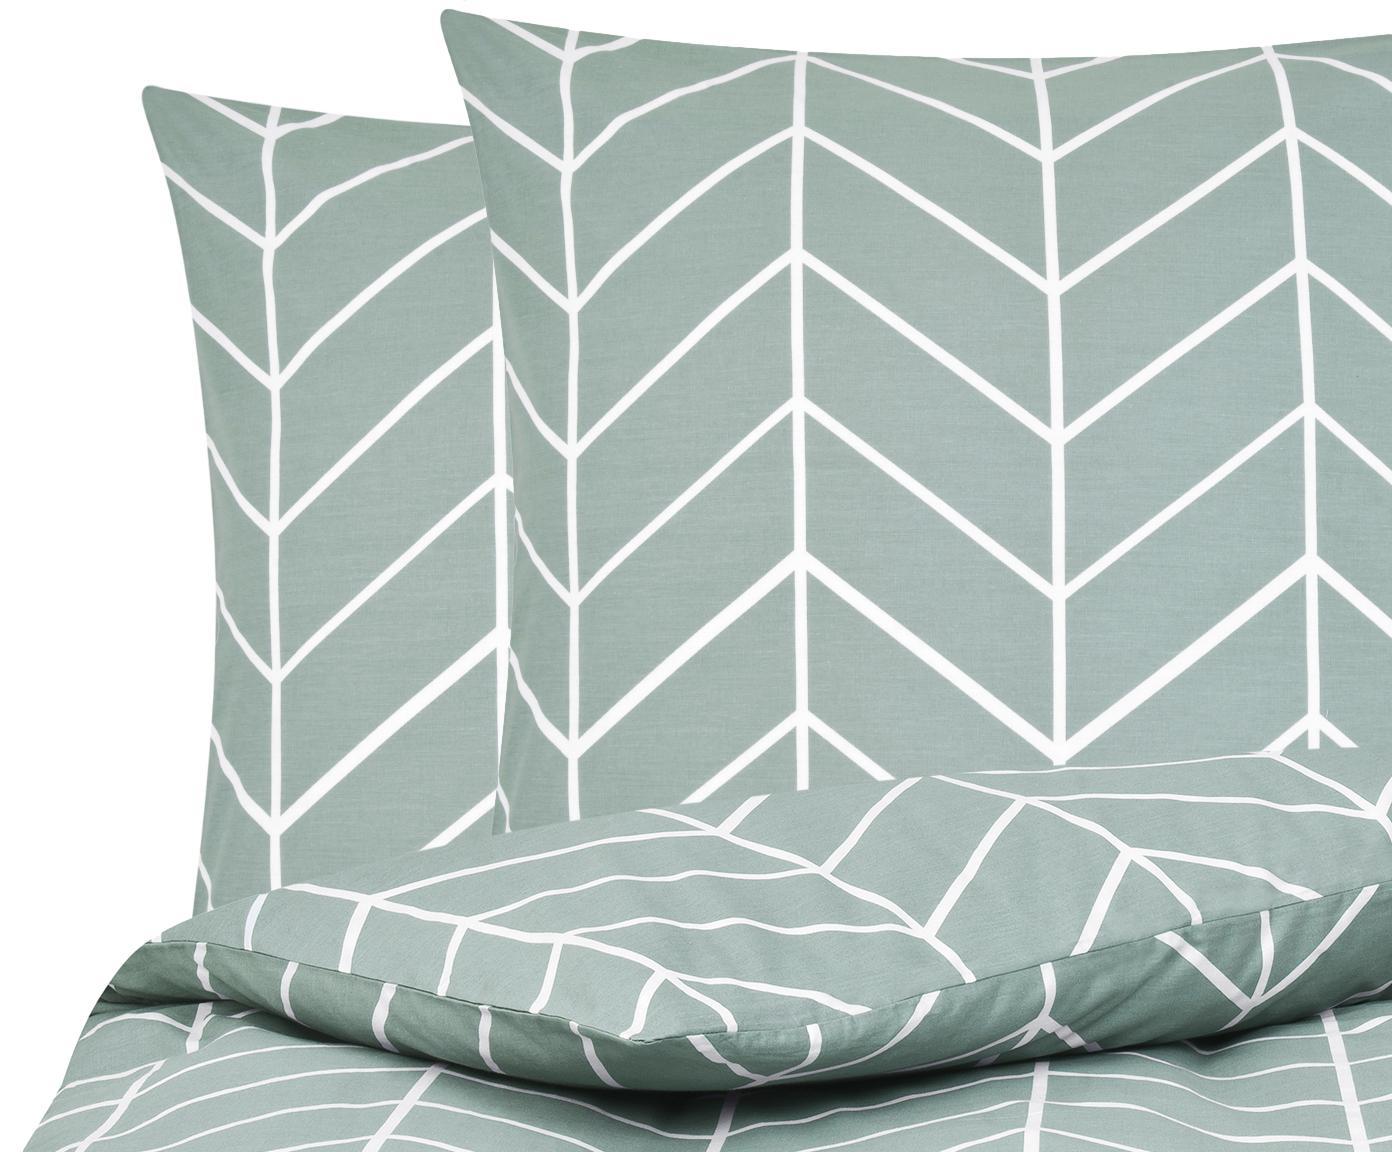 Baumwoll-Bettwäsche Mirja mit grafischem Muster, Webart: Renforcé Fadendichte 144 , Grün, Cremeweiß, 200 x 200 cm + 2 Kissen 80 x 80 cm